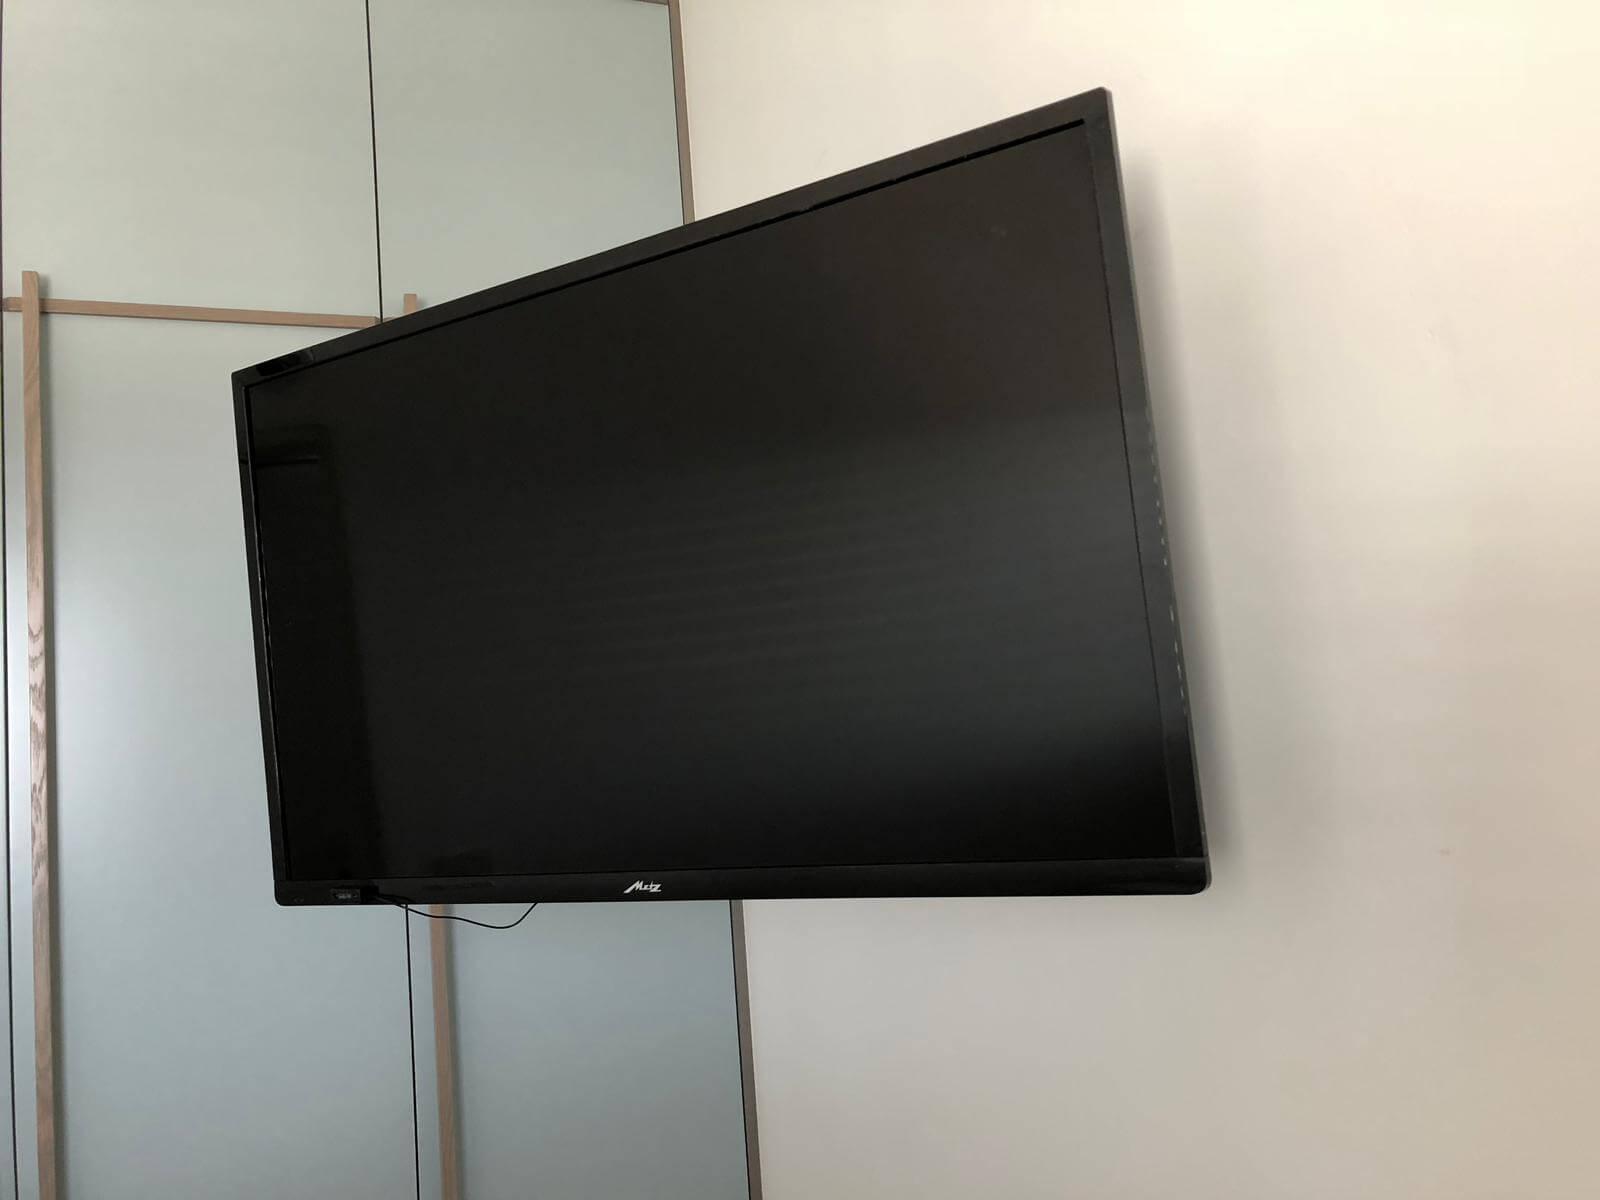 תמונת גלריה הגדול בהתקנות מתקין טלוויזיות מקצועי עם יחס אישי 75